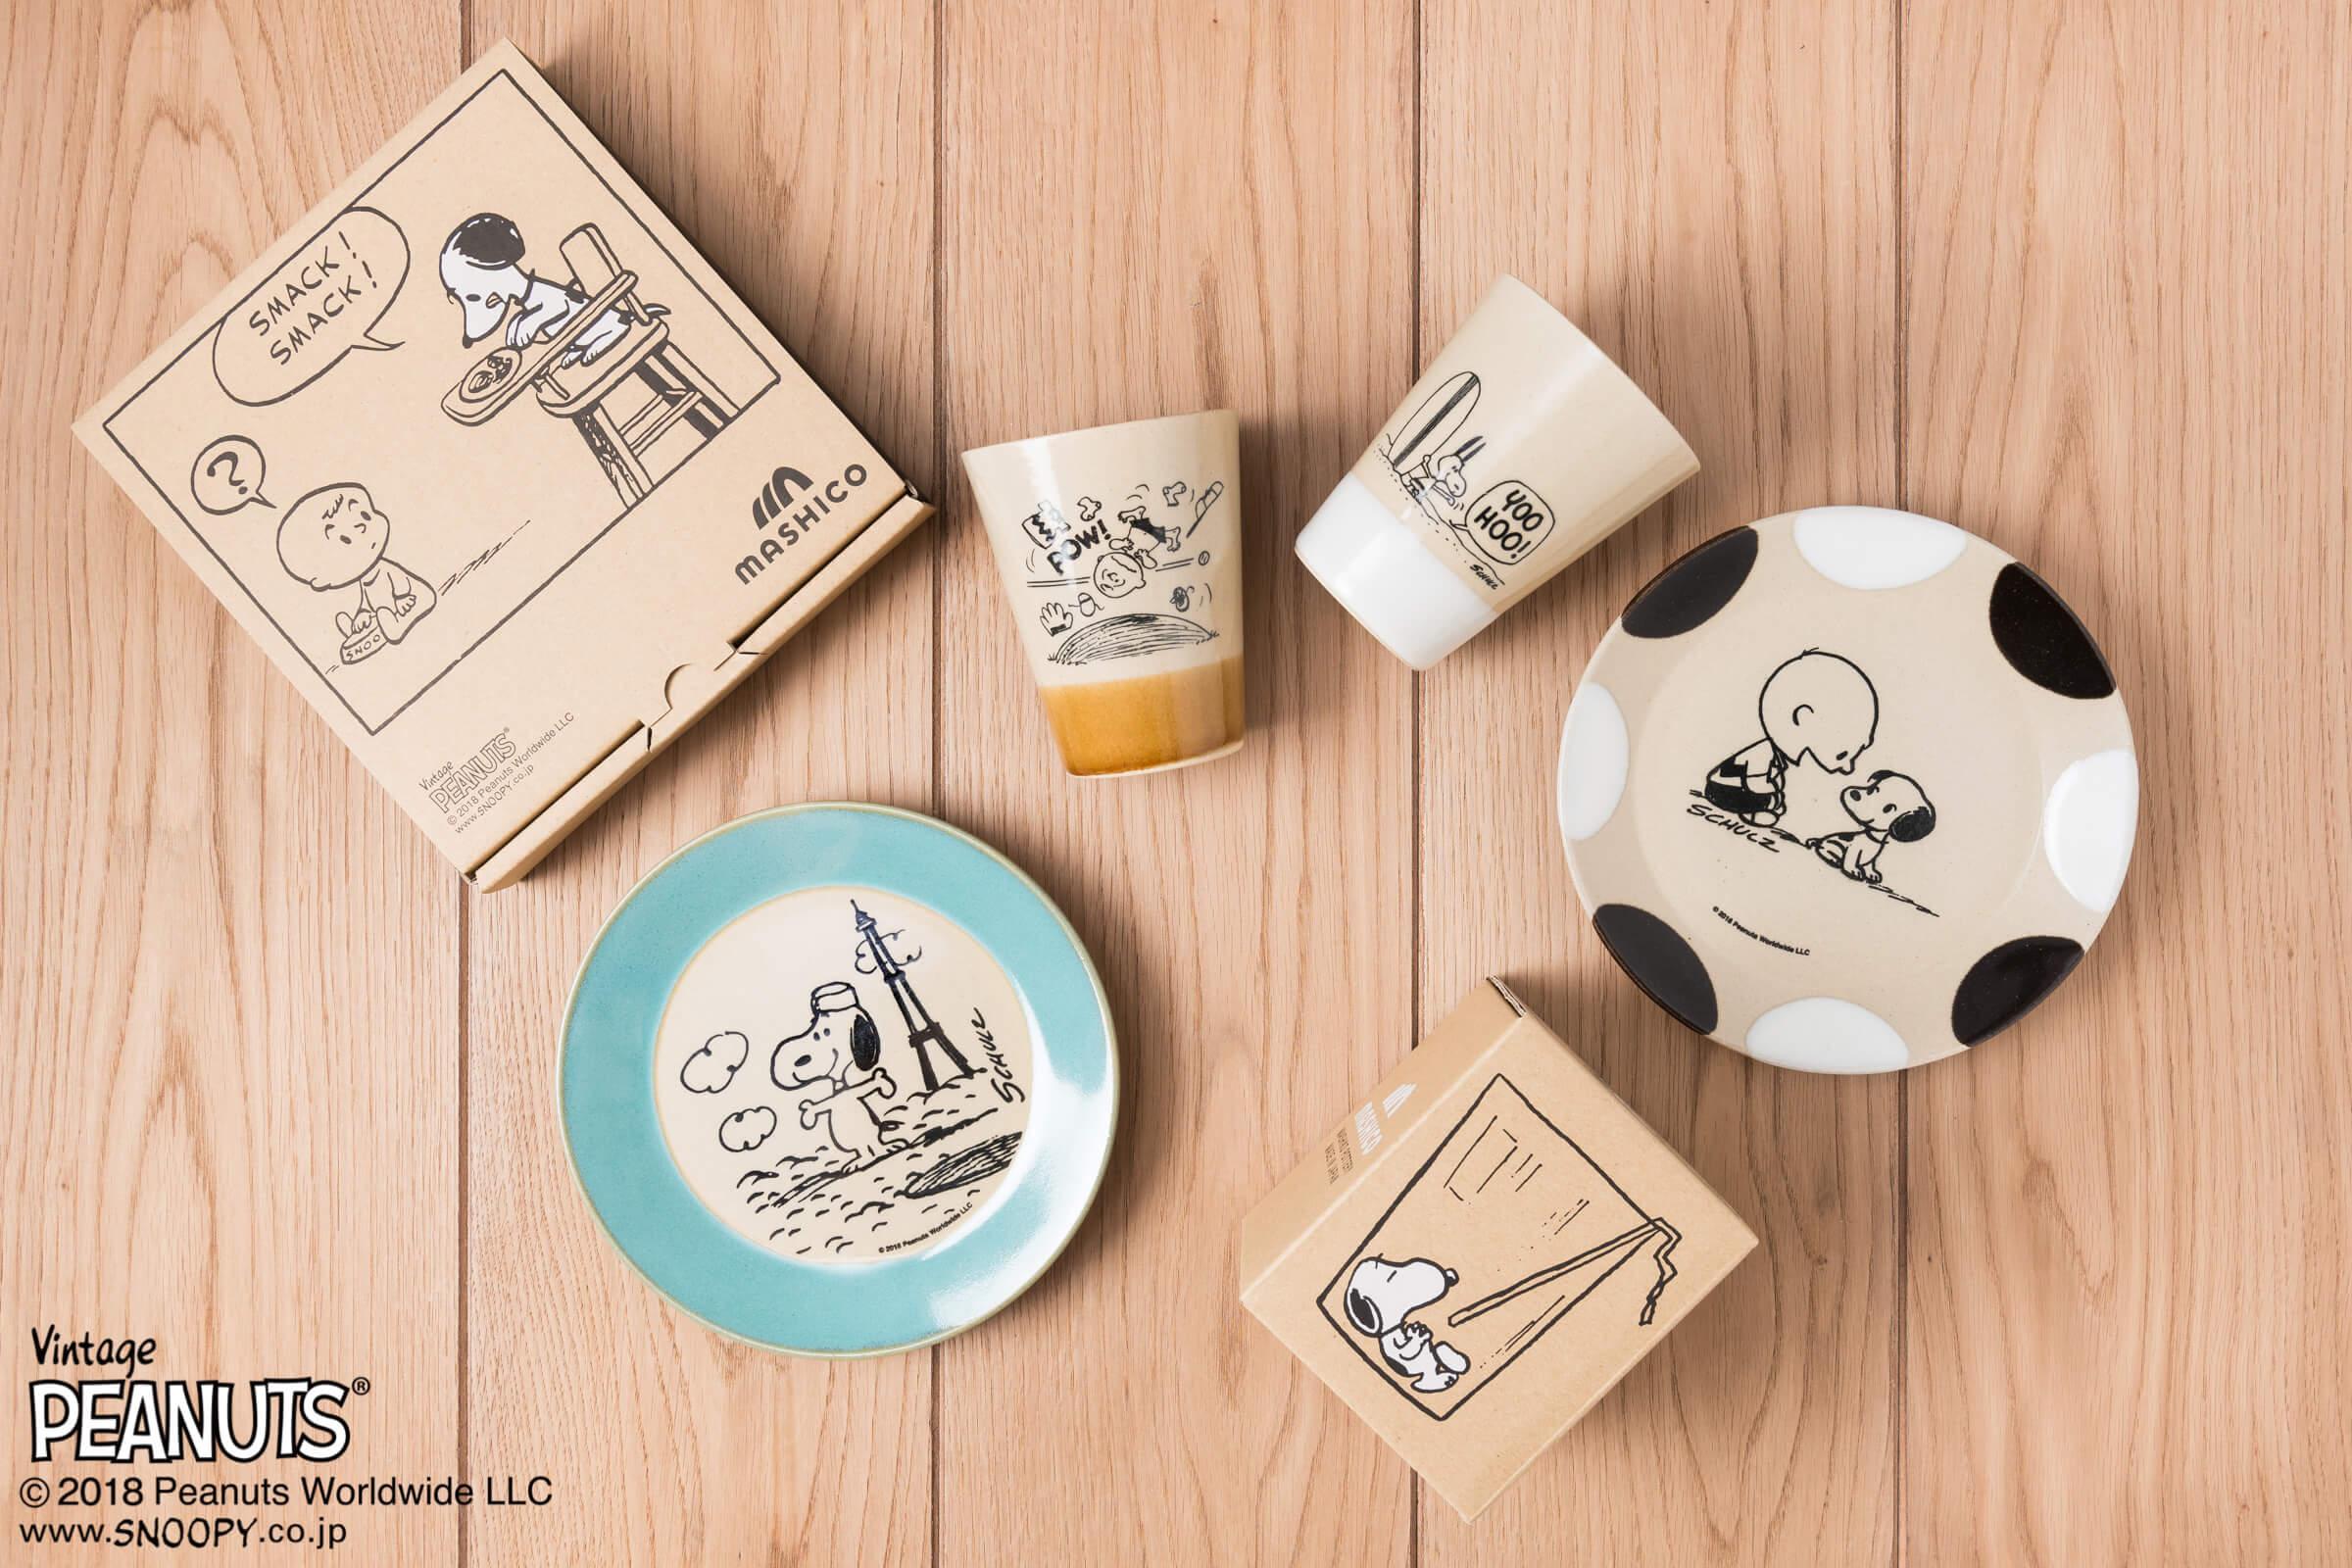 日本傳統工藝「益子焼」與史努比合作!餐具系列登場